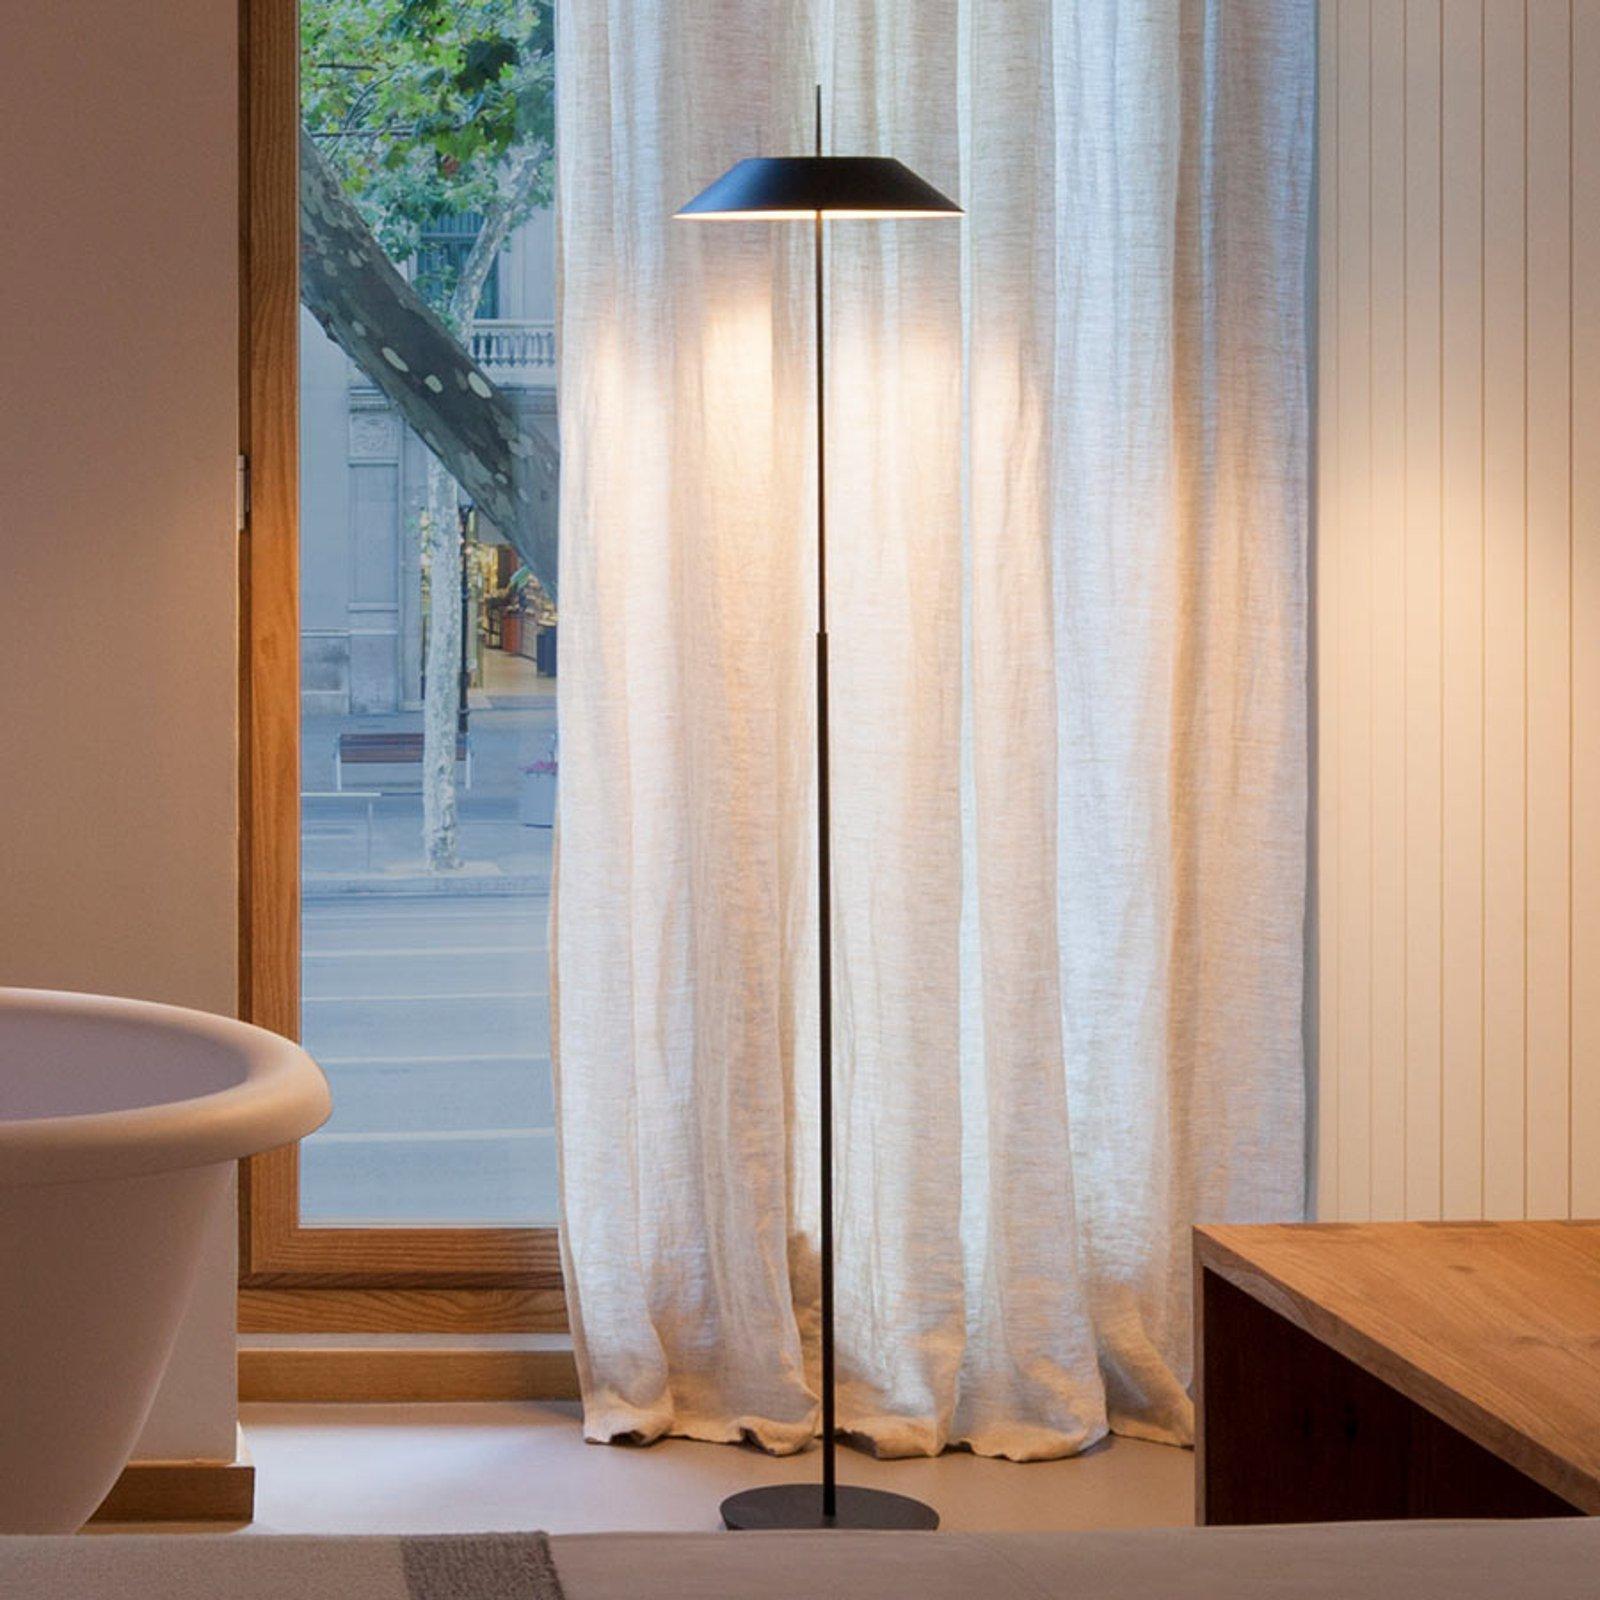 Mayfair - koksgrå LED gulvlampe